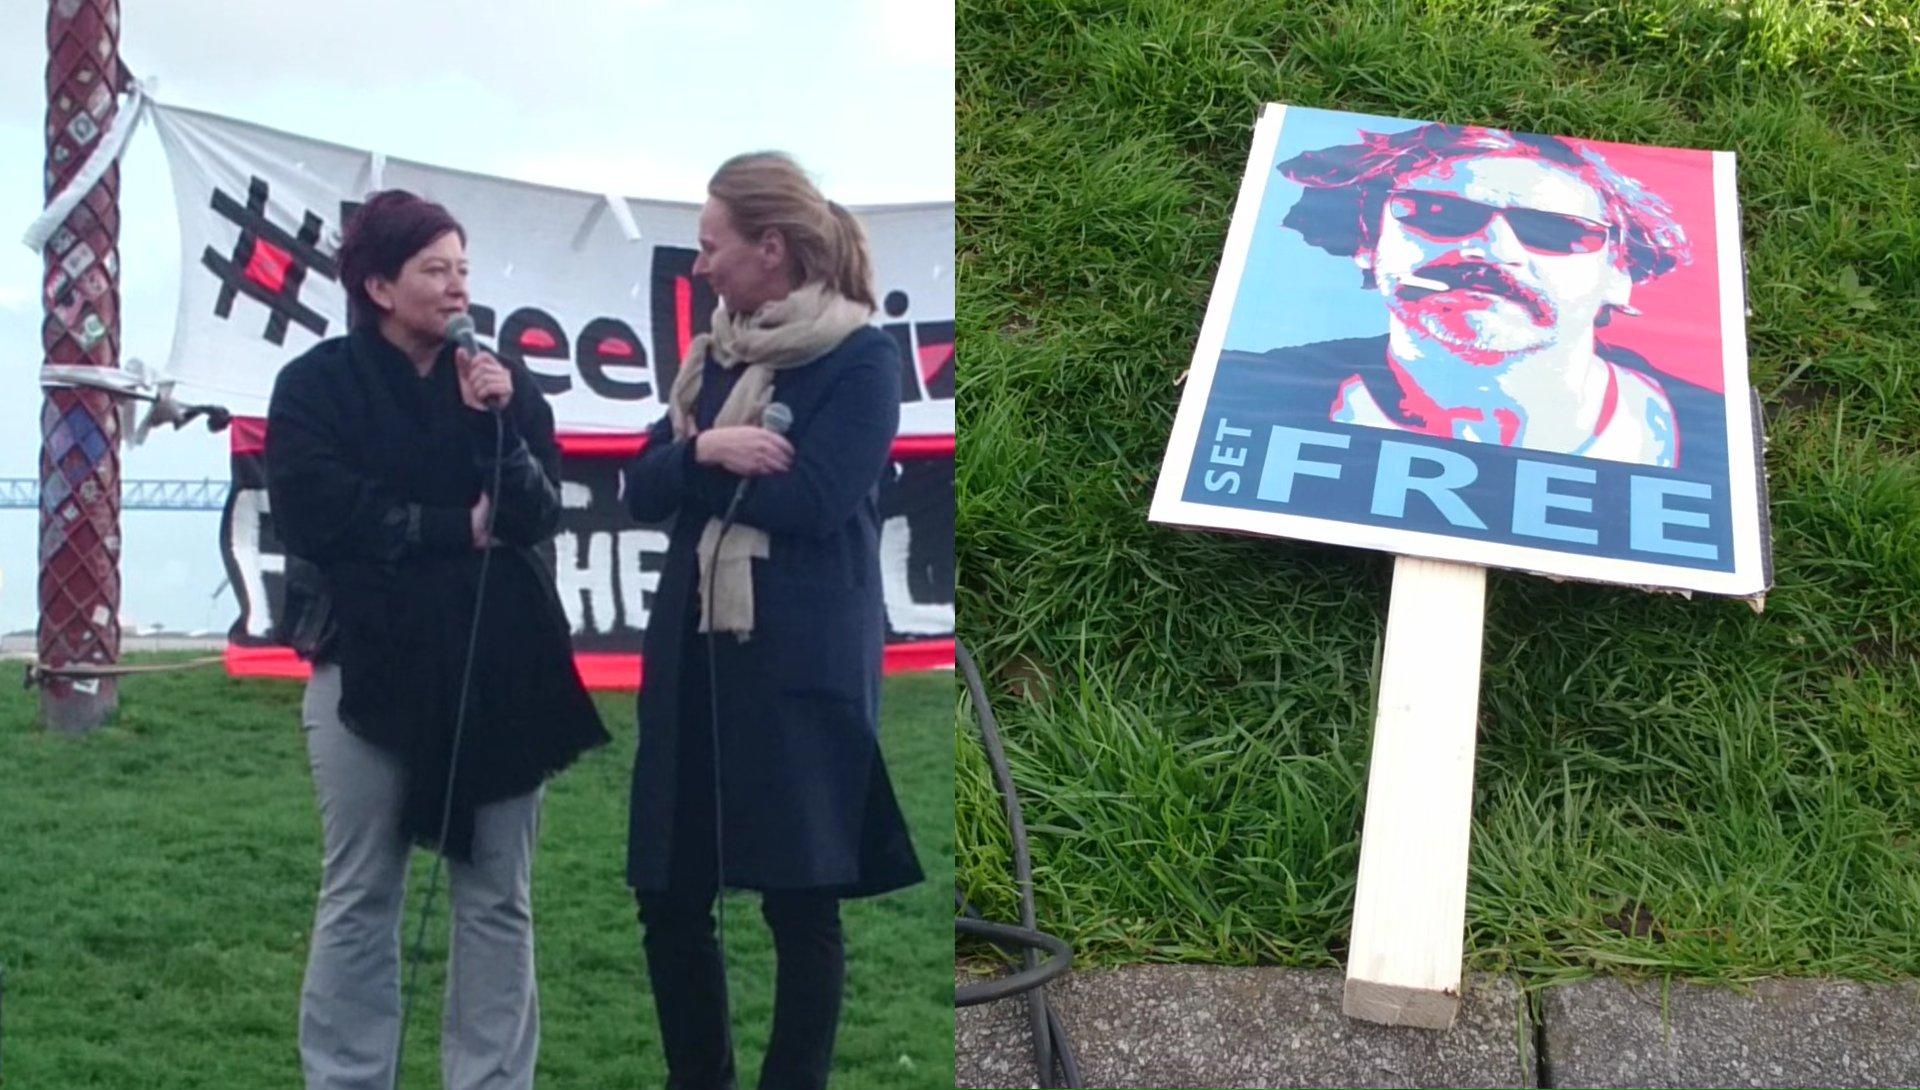 #FreeDeniz: Yücels Schwester spricht bei Kundgebung in Hamburg